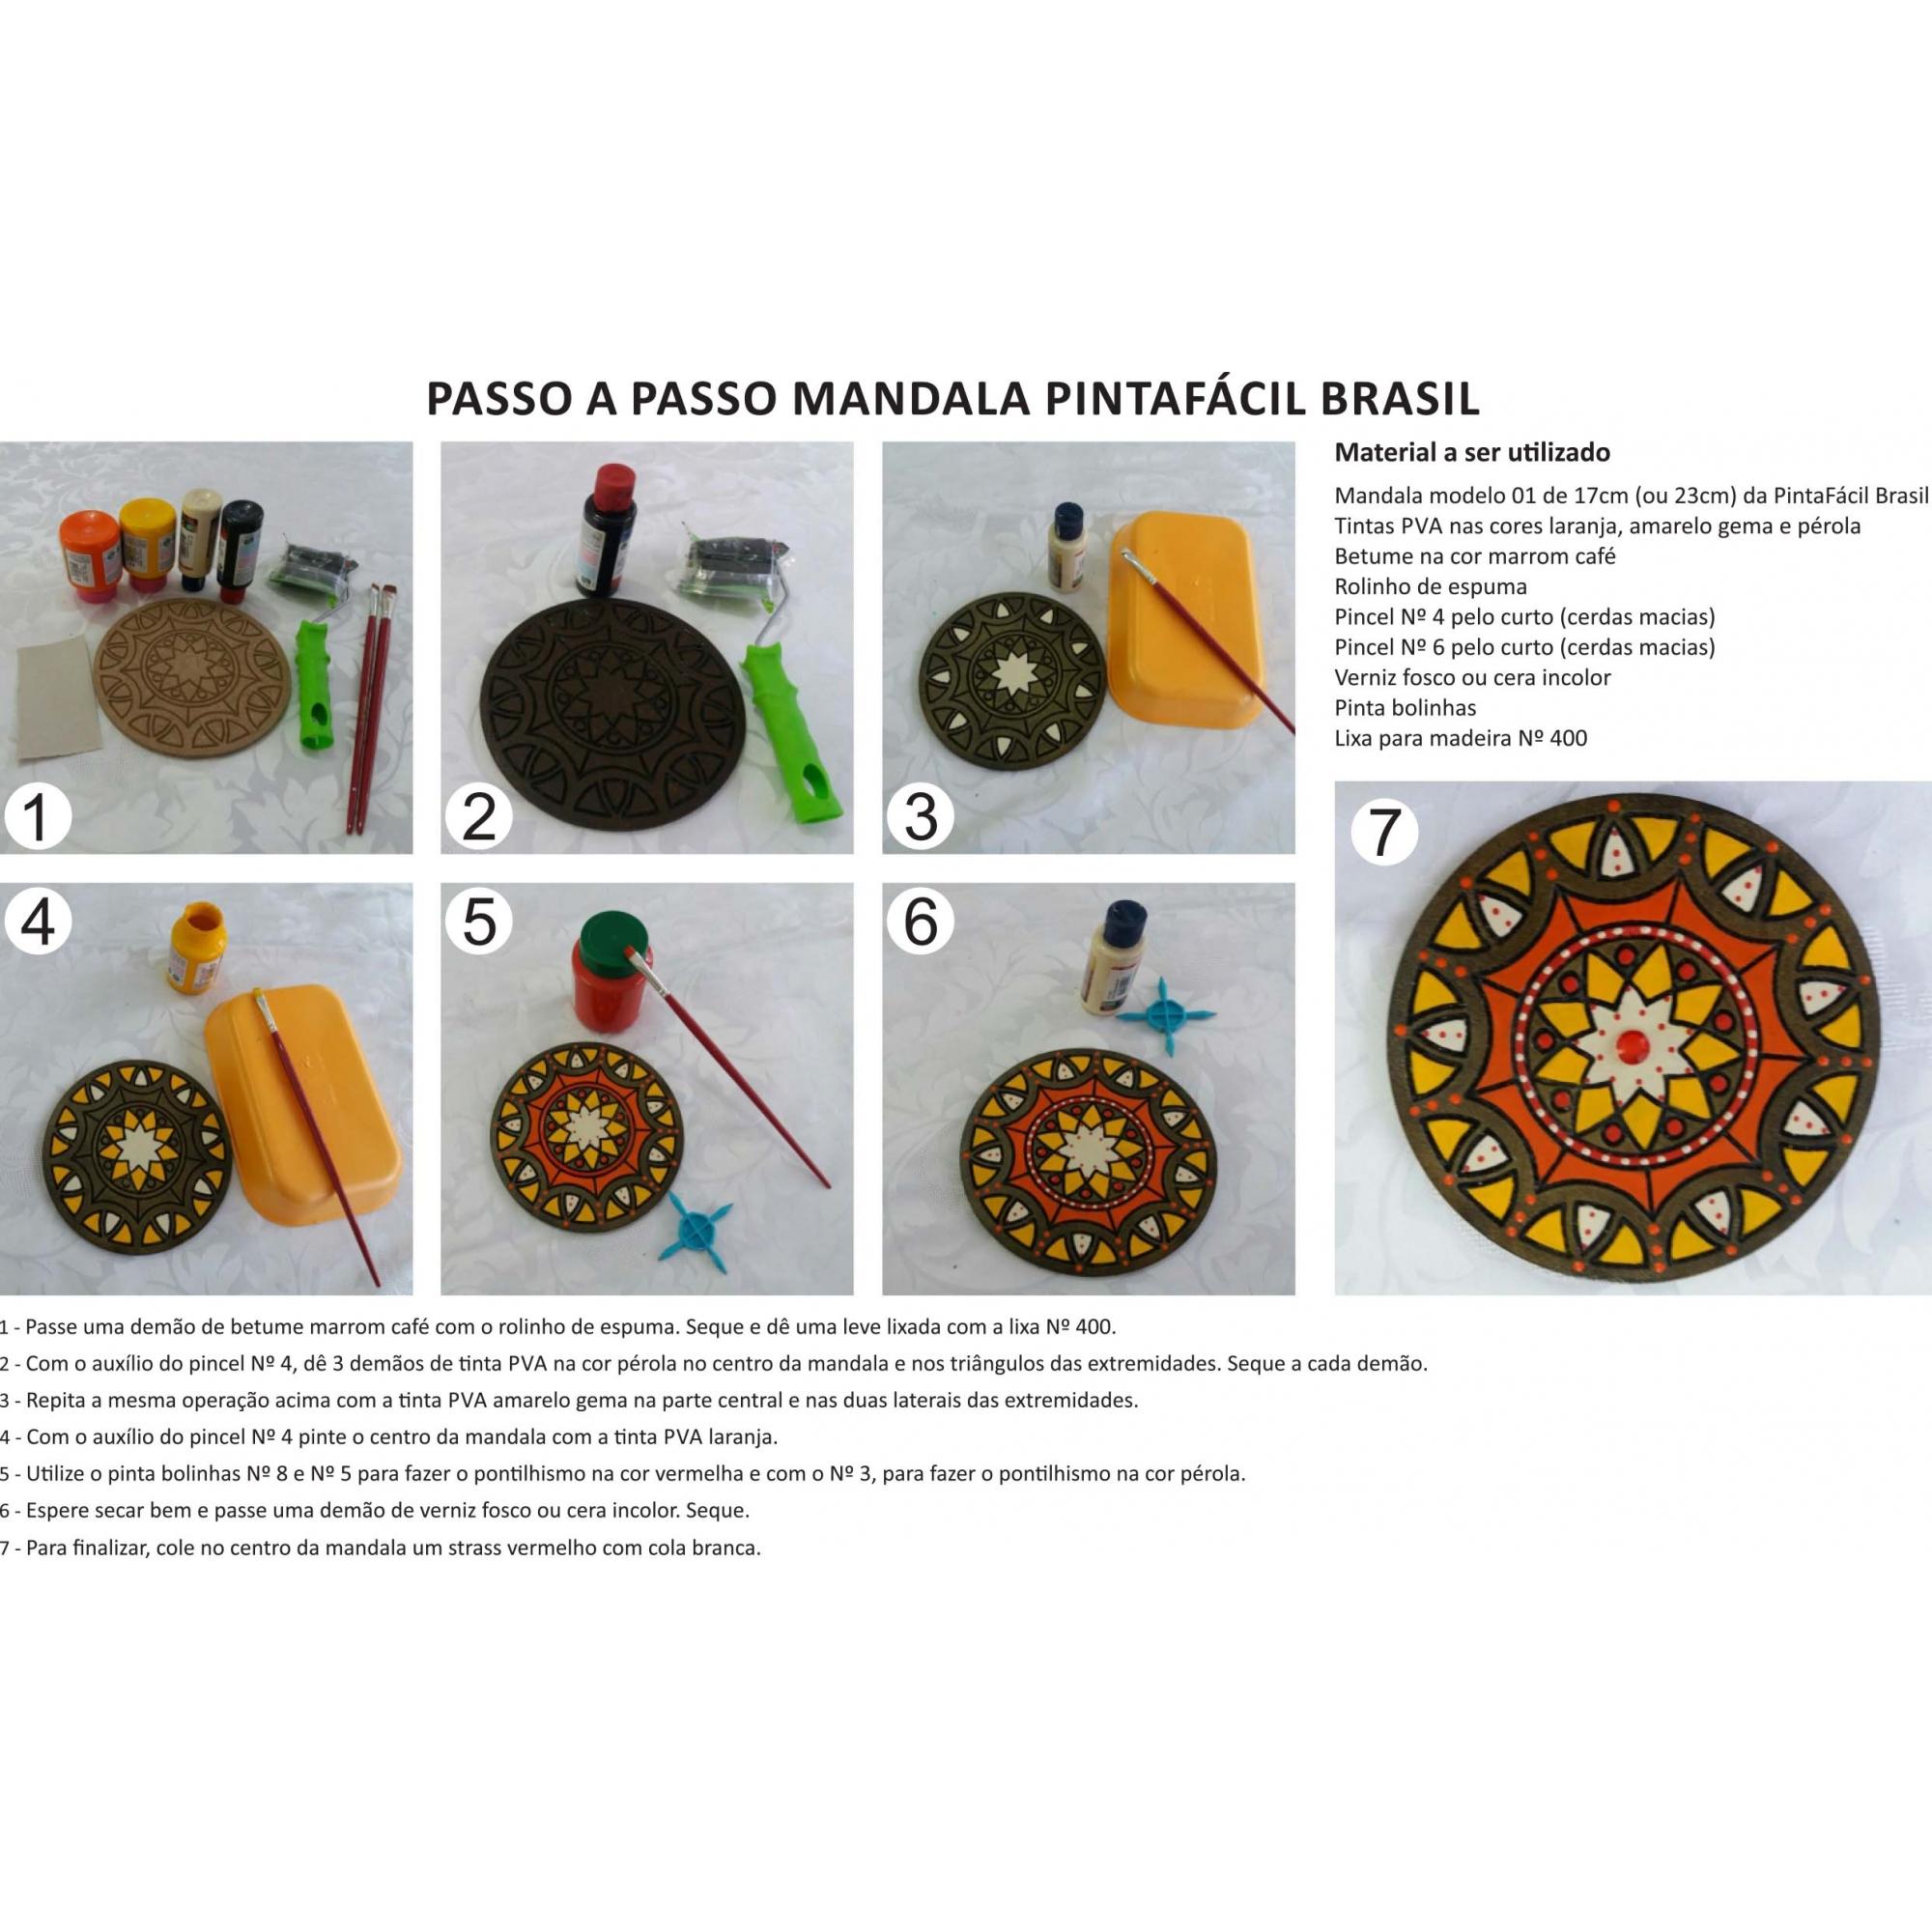 Kit 2 peças Mandala para Espelho Mdf Cru 33cm de Diâmetro para Pintar